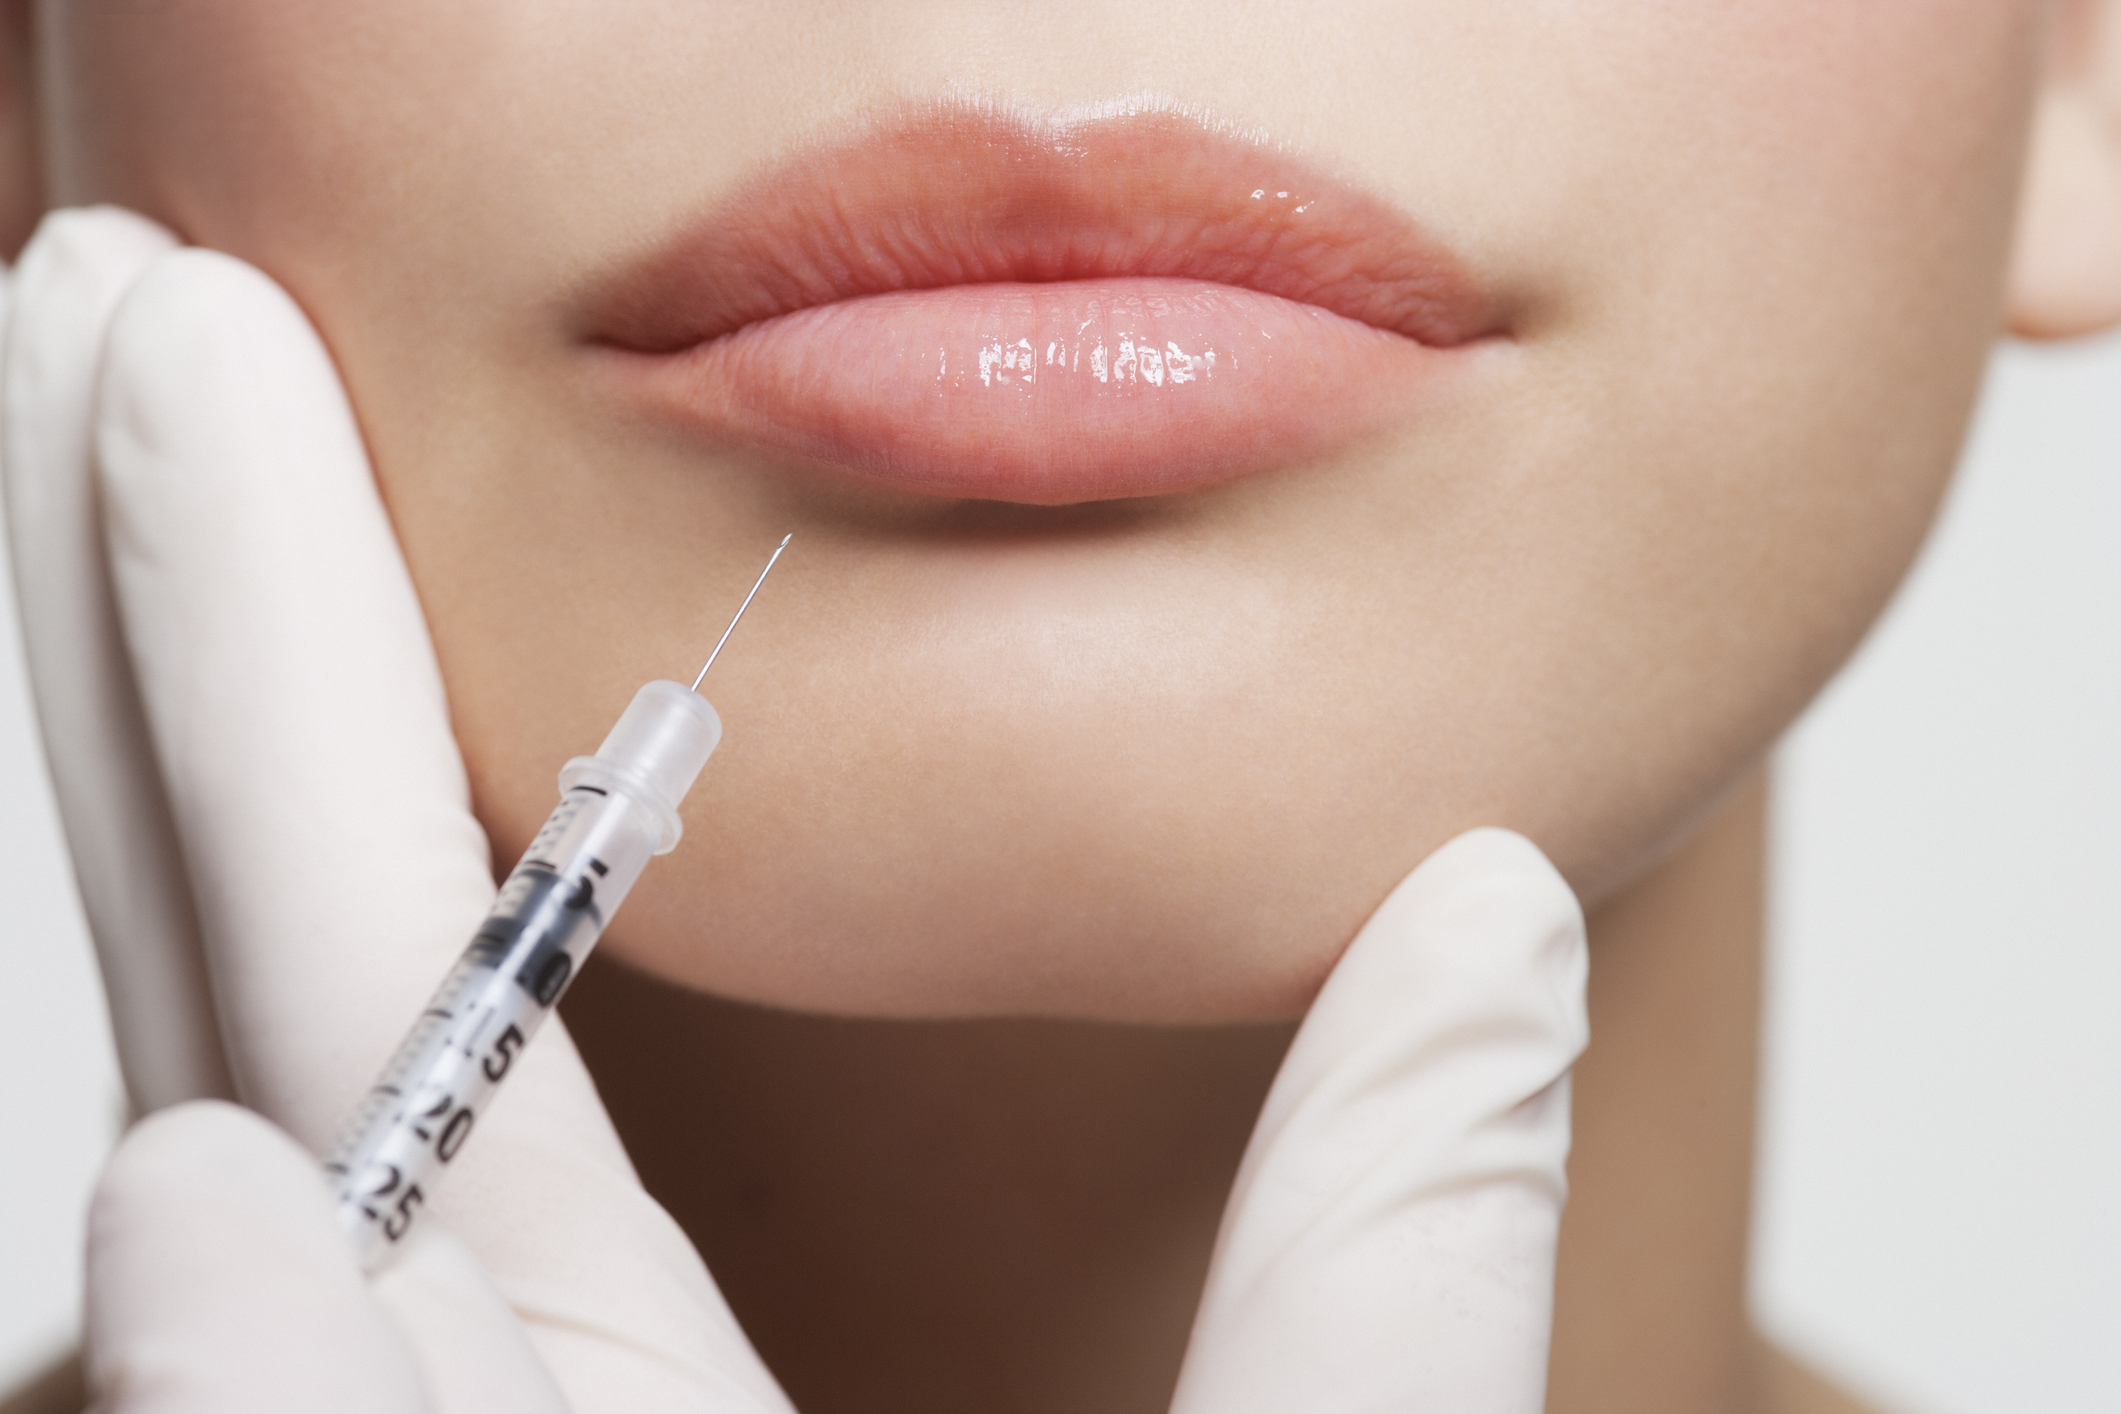 Efecte secundare neobișnuite ale vaccinului Moderna. Ce au pățit persoanele care aveau injecţii cu botox sau acid hialuronic